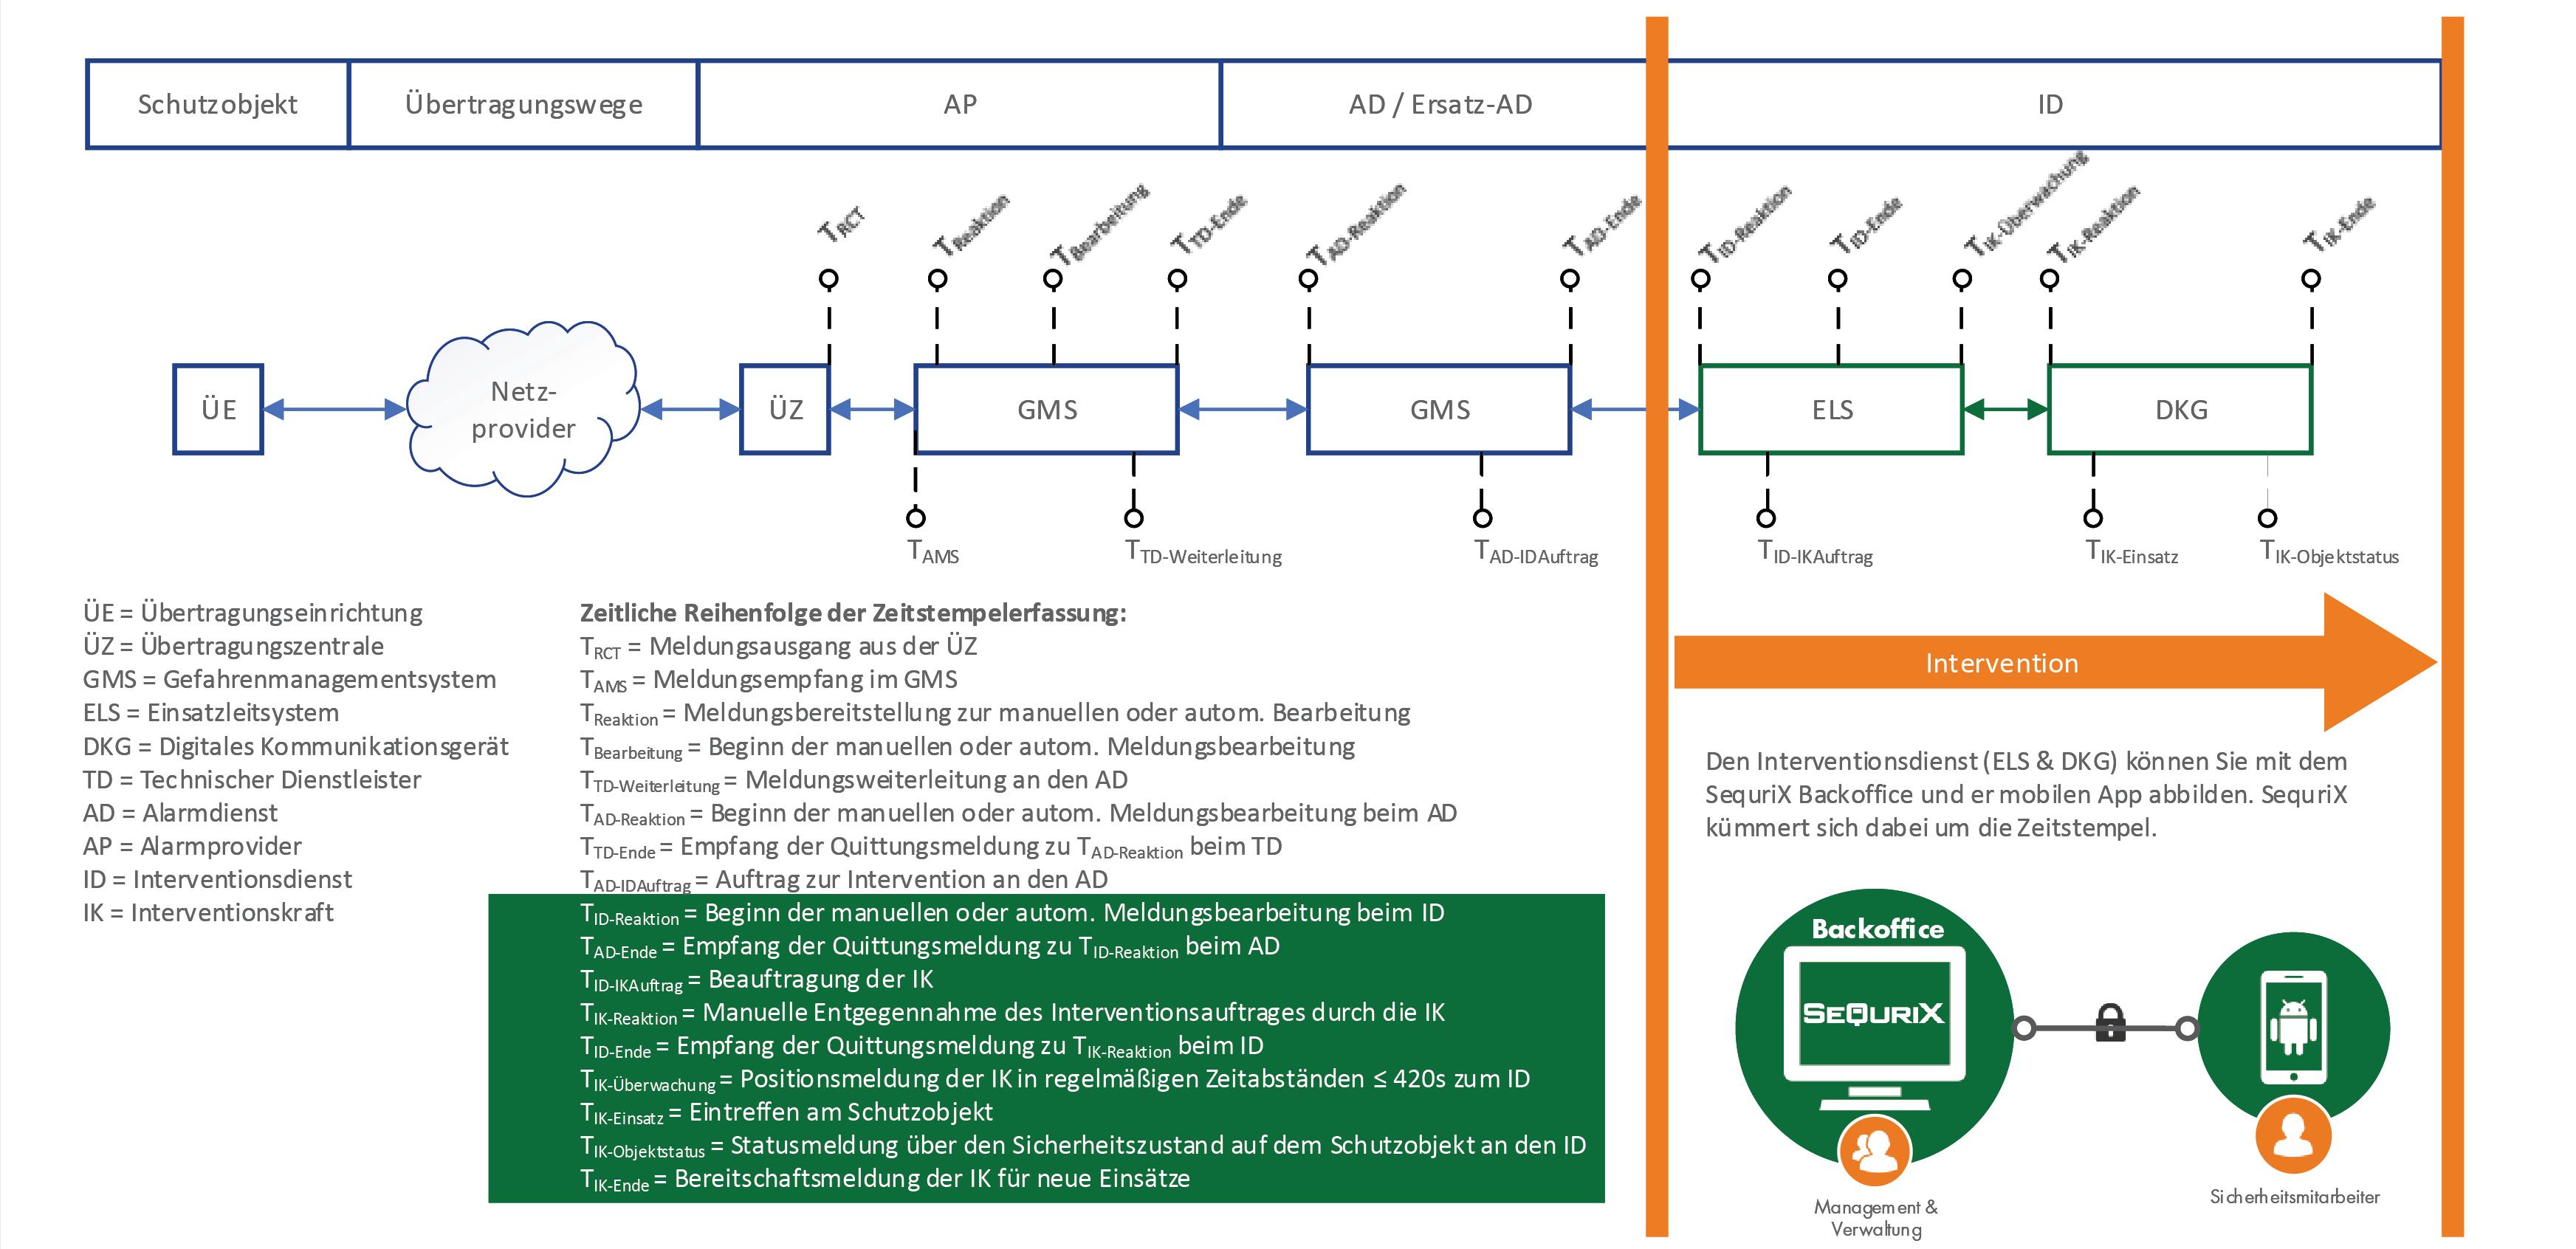 VDS 2172 schema 2021-01